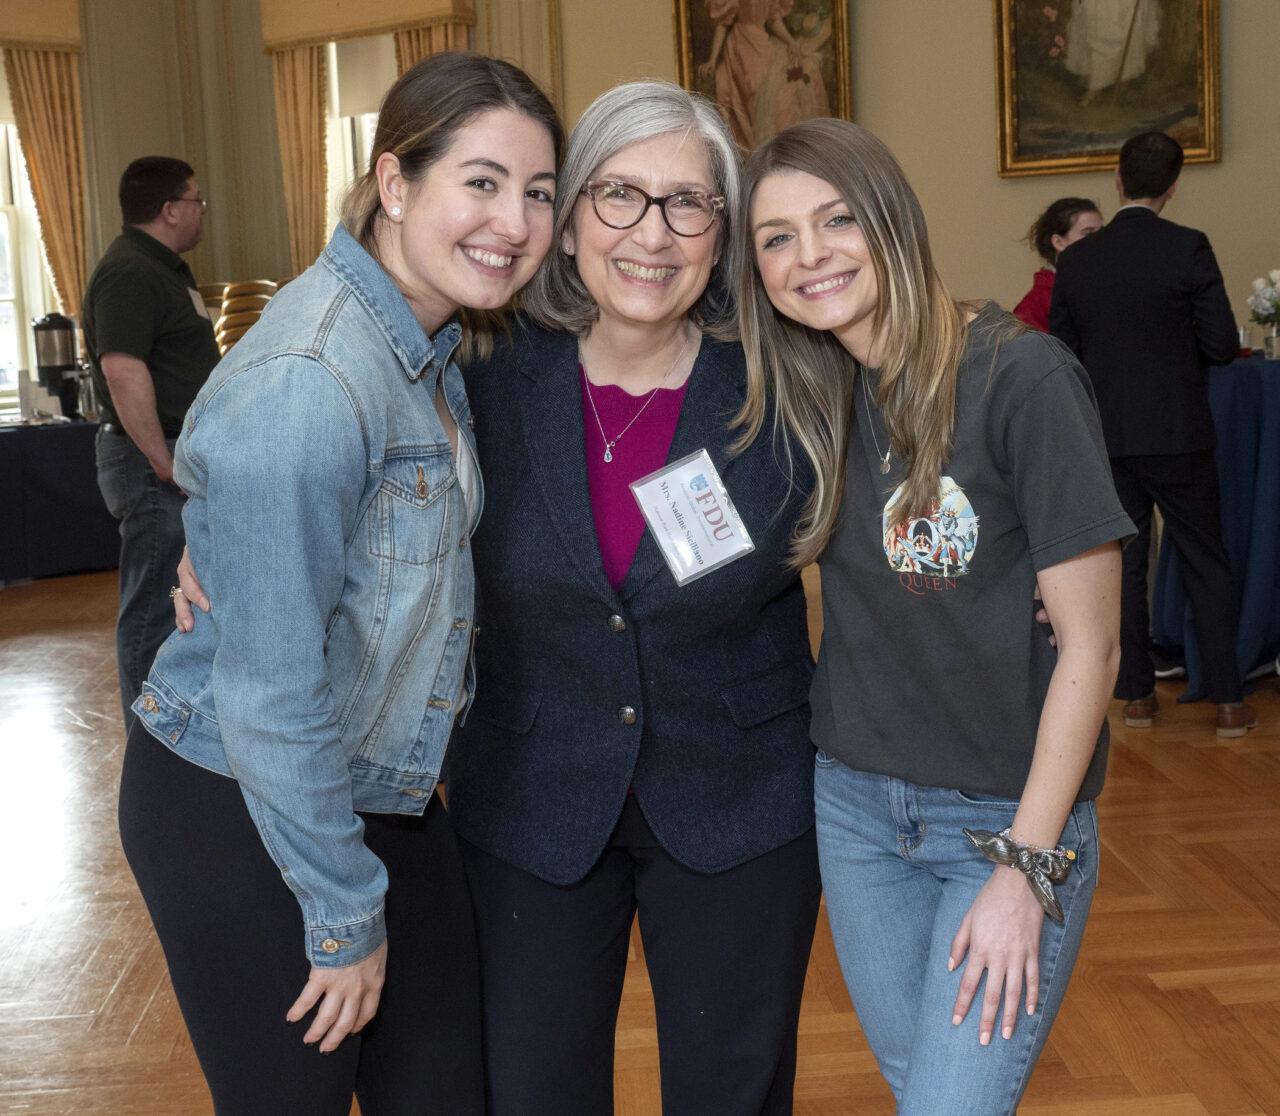 Junior Alexandra Lombardi (left) with her Hanover Park High School teacher Nadine Siciliano (middle) and Hanover Park alumna Stephanie Cardoso (left).